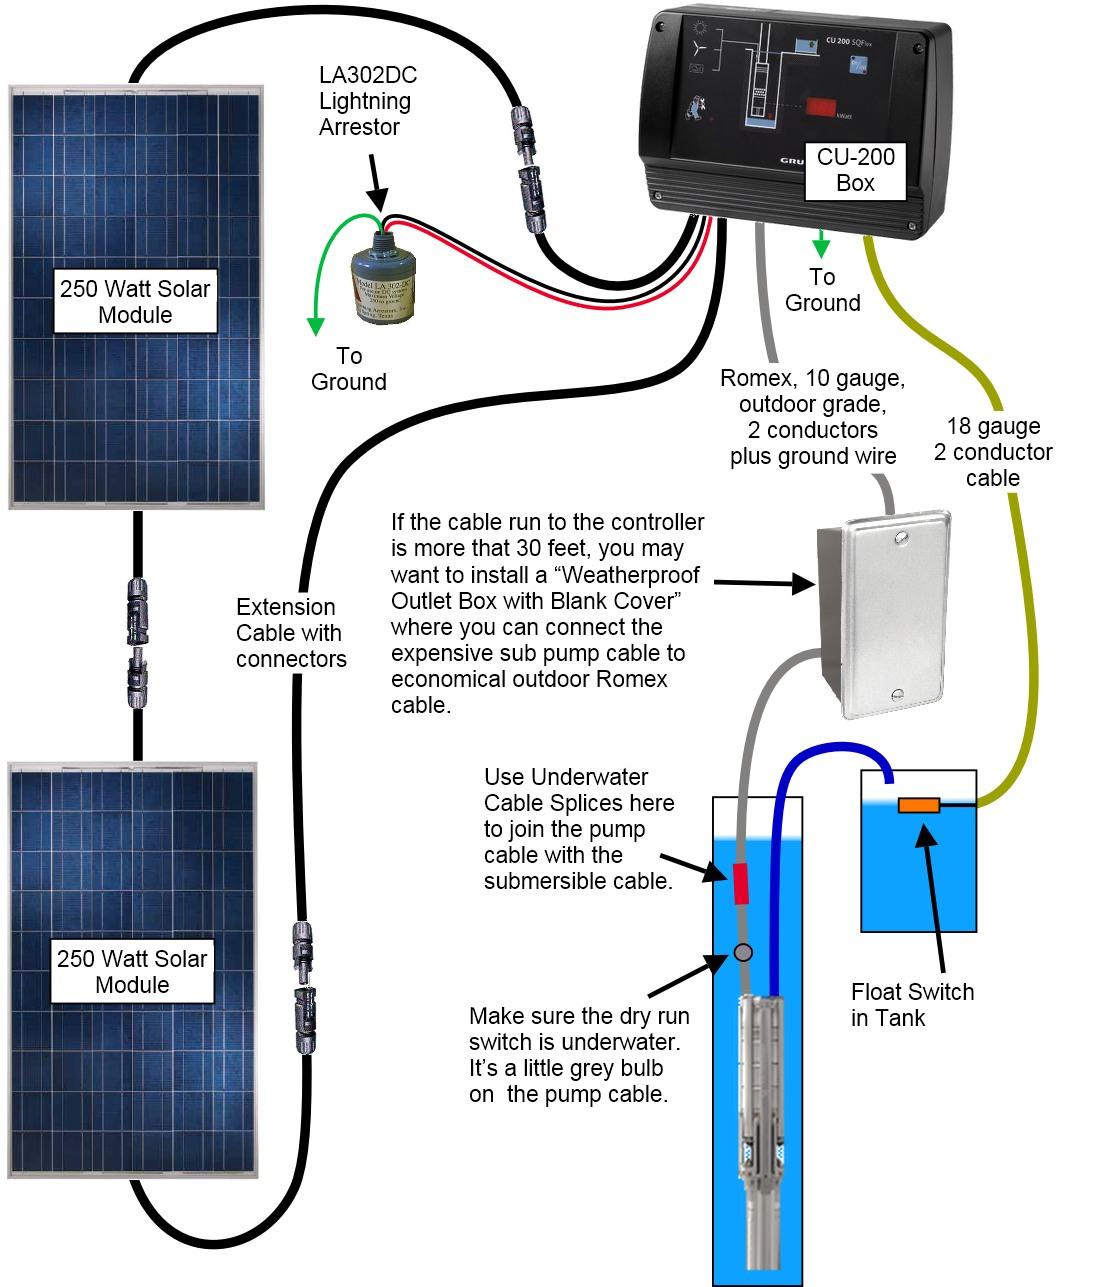 grundfos sqflex solar water pump wiring diagram water pump wiring schematic water pump wiring diagram [ 1108 x 1287 Pixel ]